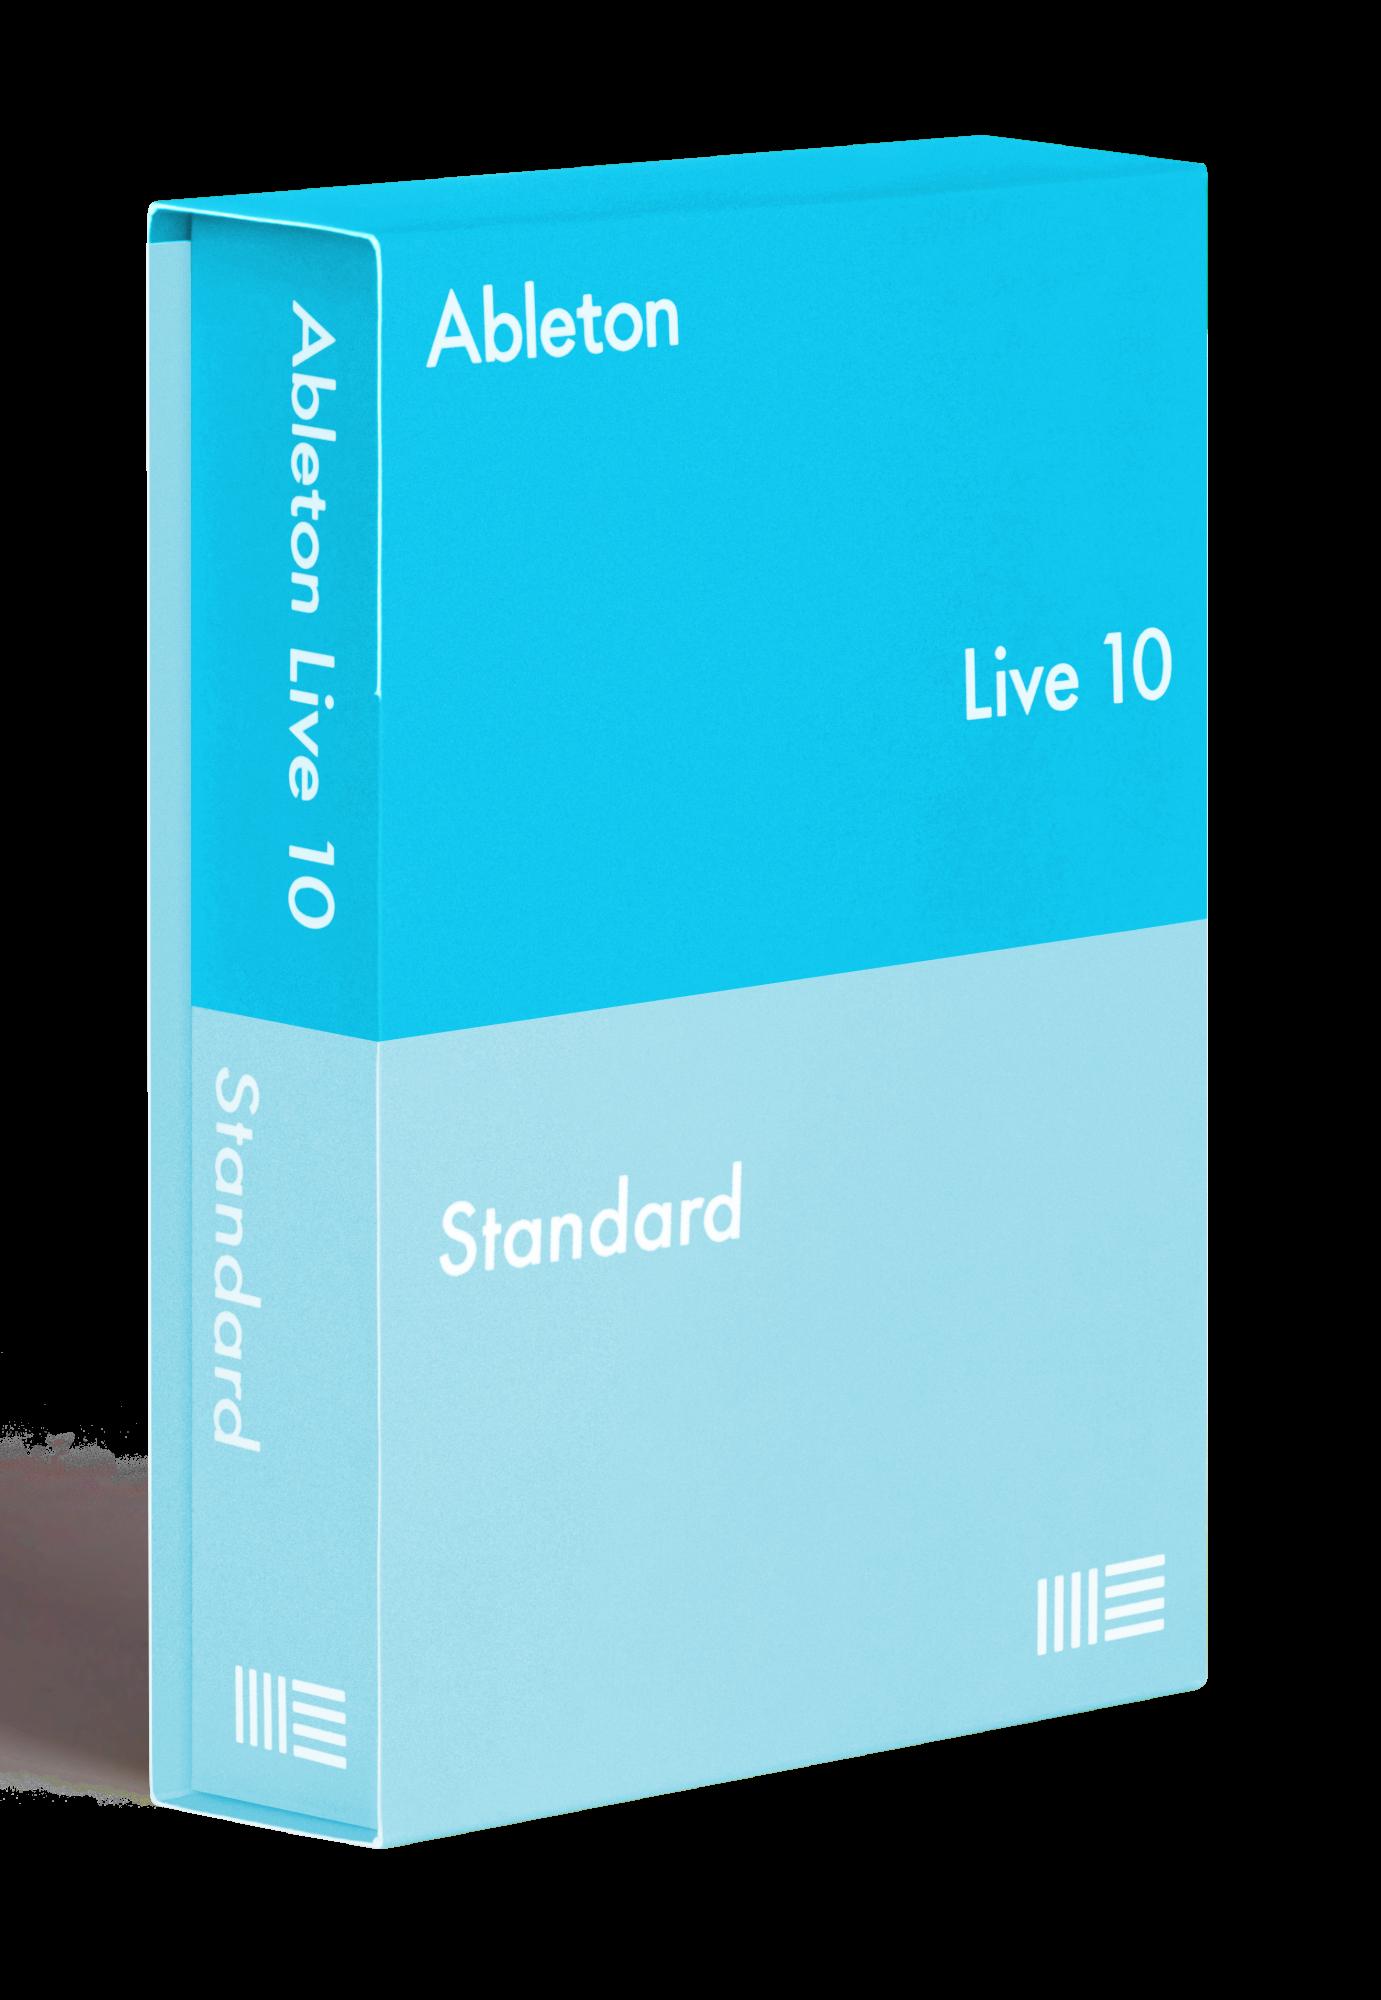 Billede af Ableton Live 10 Standard Software